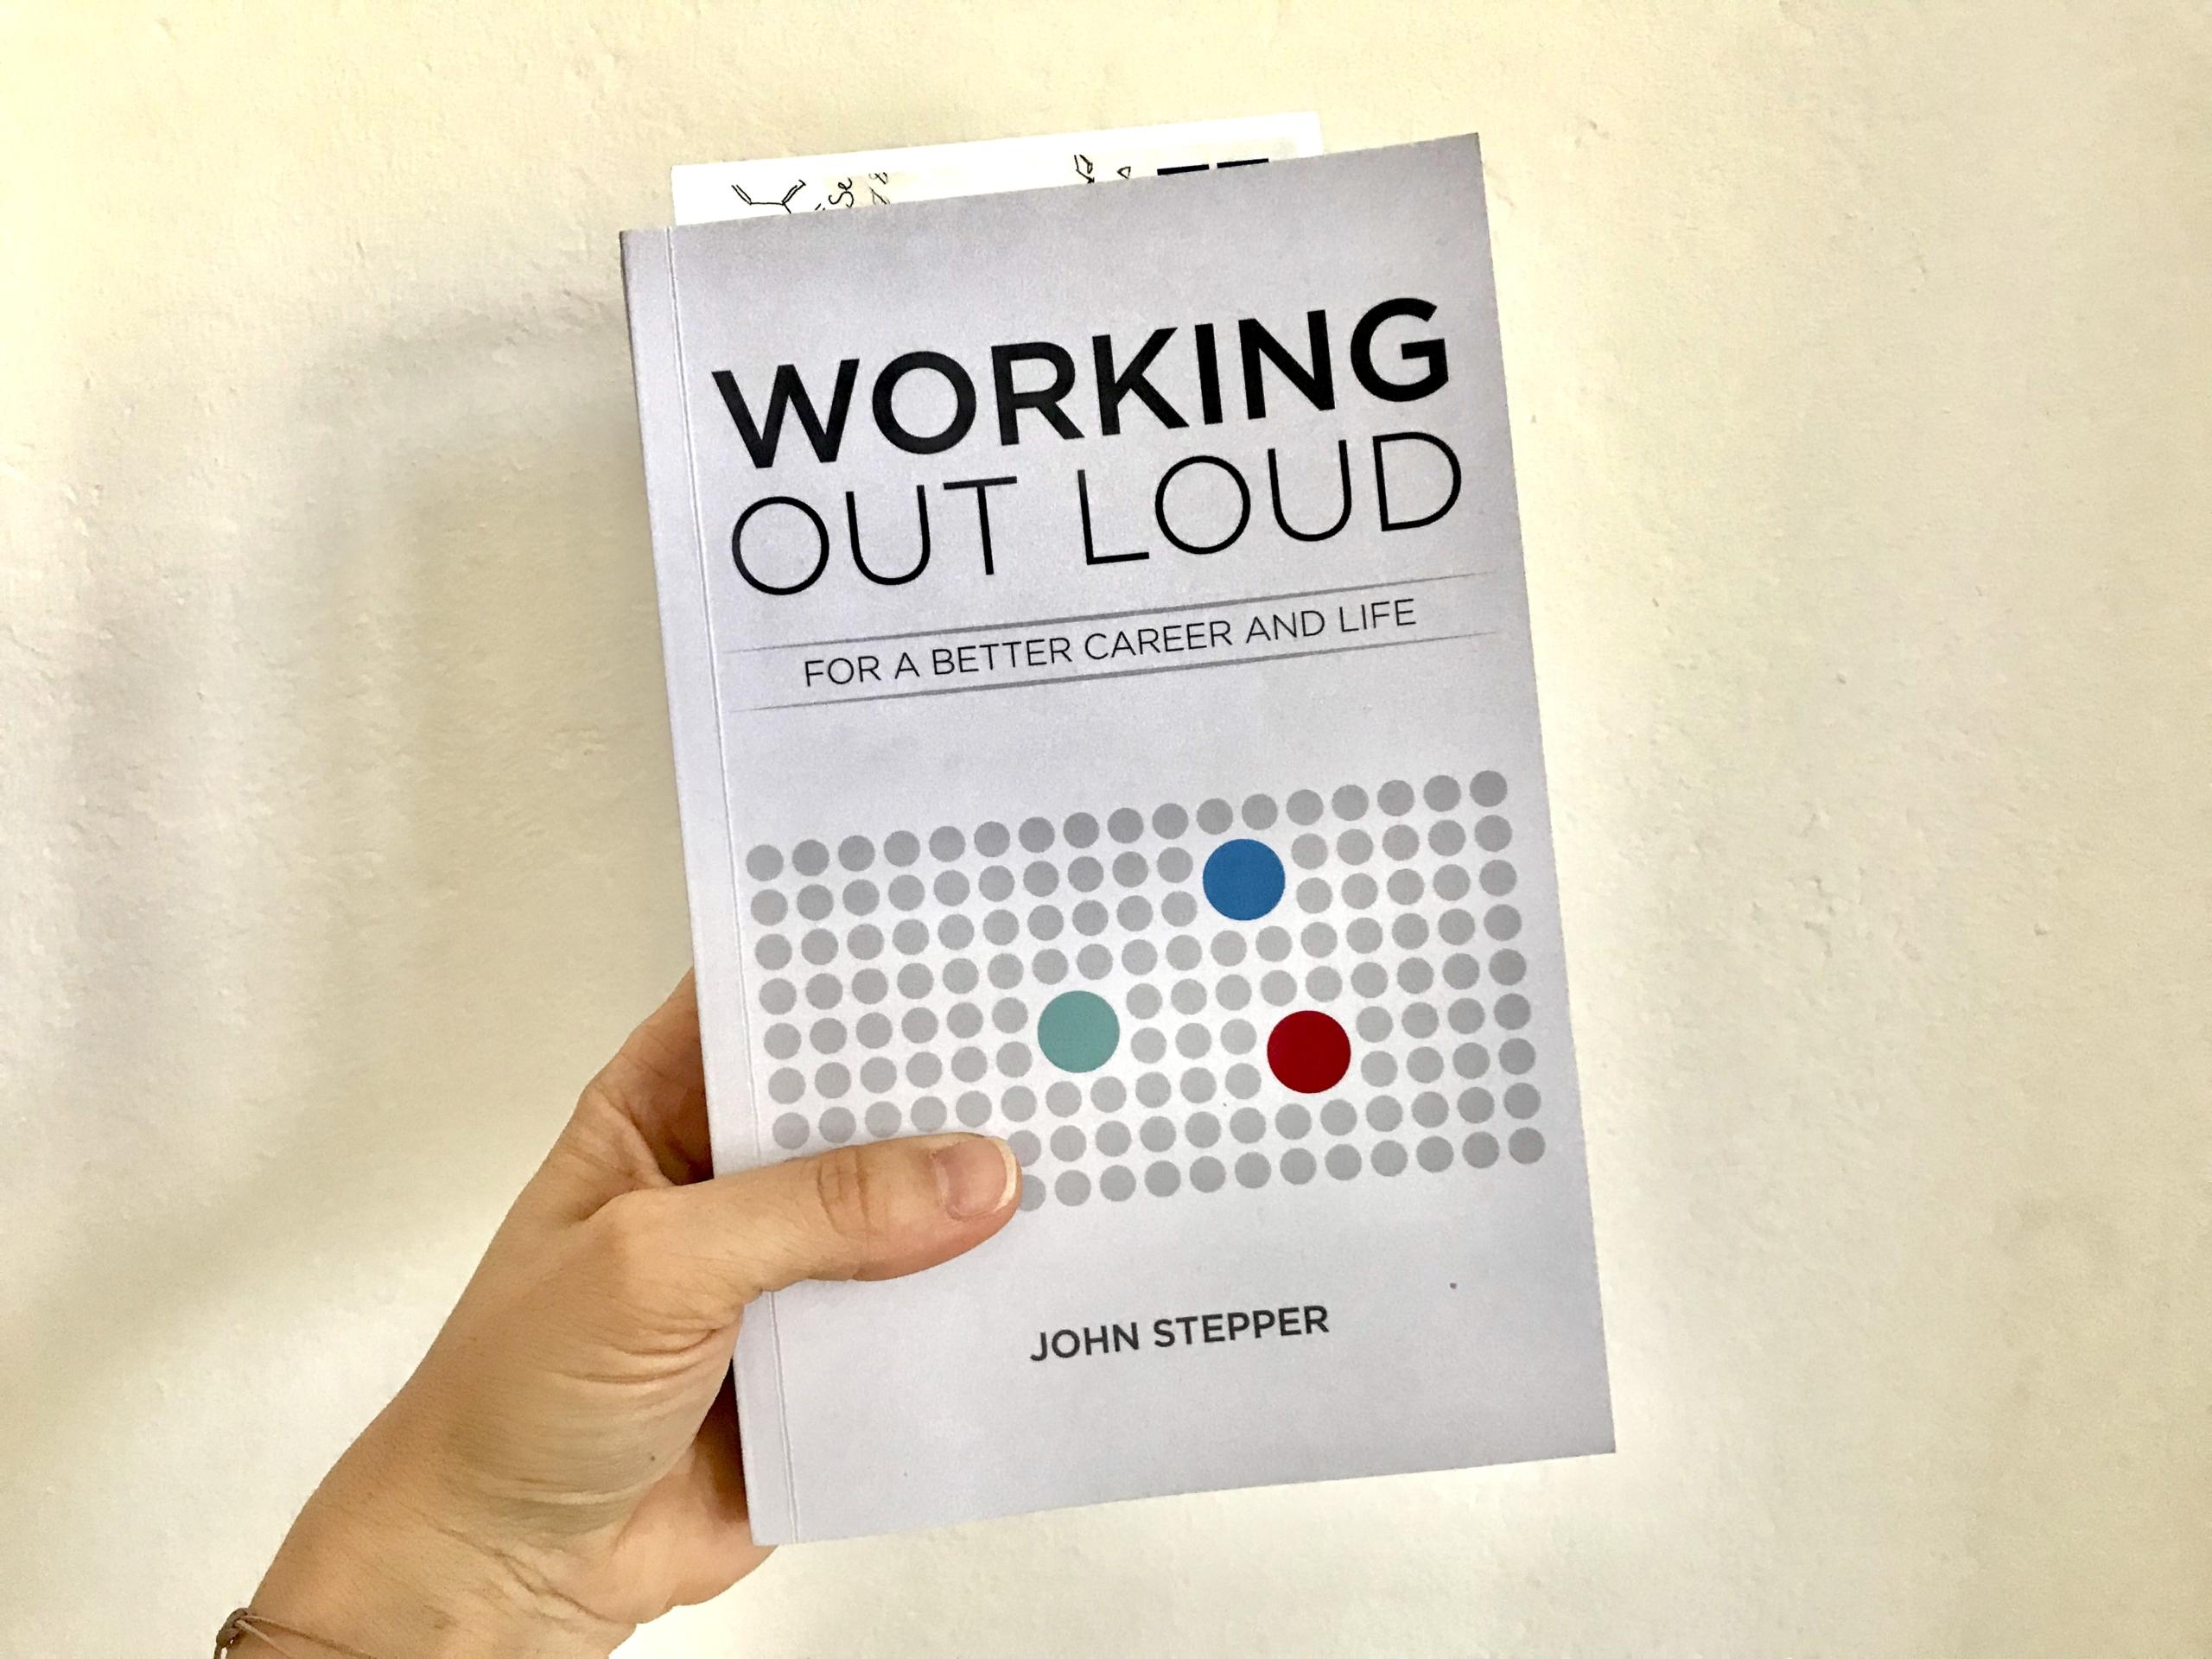 """Buch """"Working Out Loud"""" von John Stepper in der Hand gehalten, aus """"10 Beiträge, die mir geholfen haben, Working Out Loud zu verstehen und anzuwenden"""""""